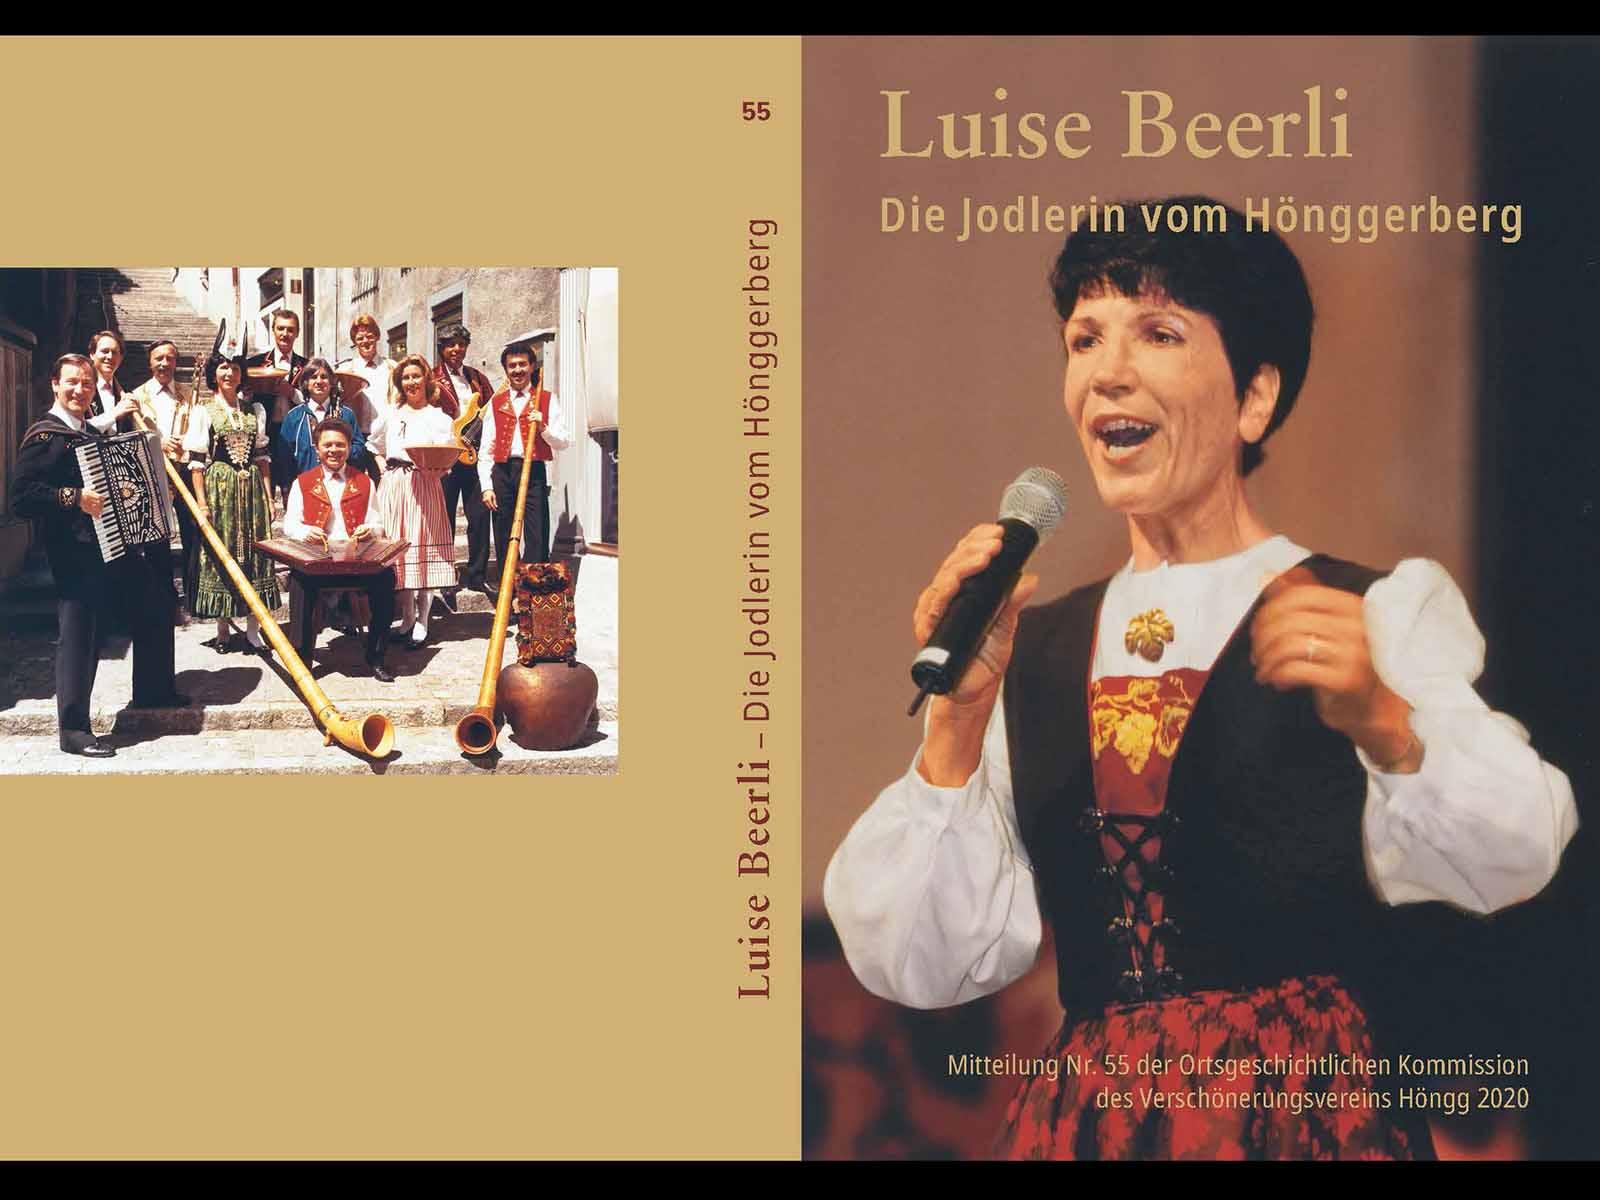 Das Buch über die Jodlerin vom Hönggerberg Luise Beerli zeigt die Geschichte einer starken Persönlichkeit.